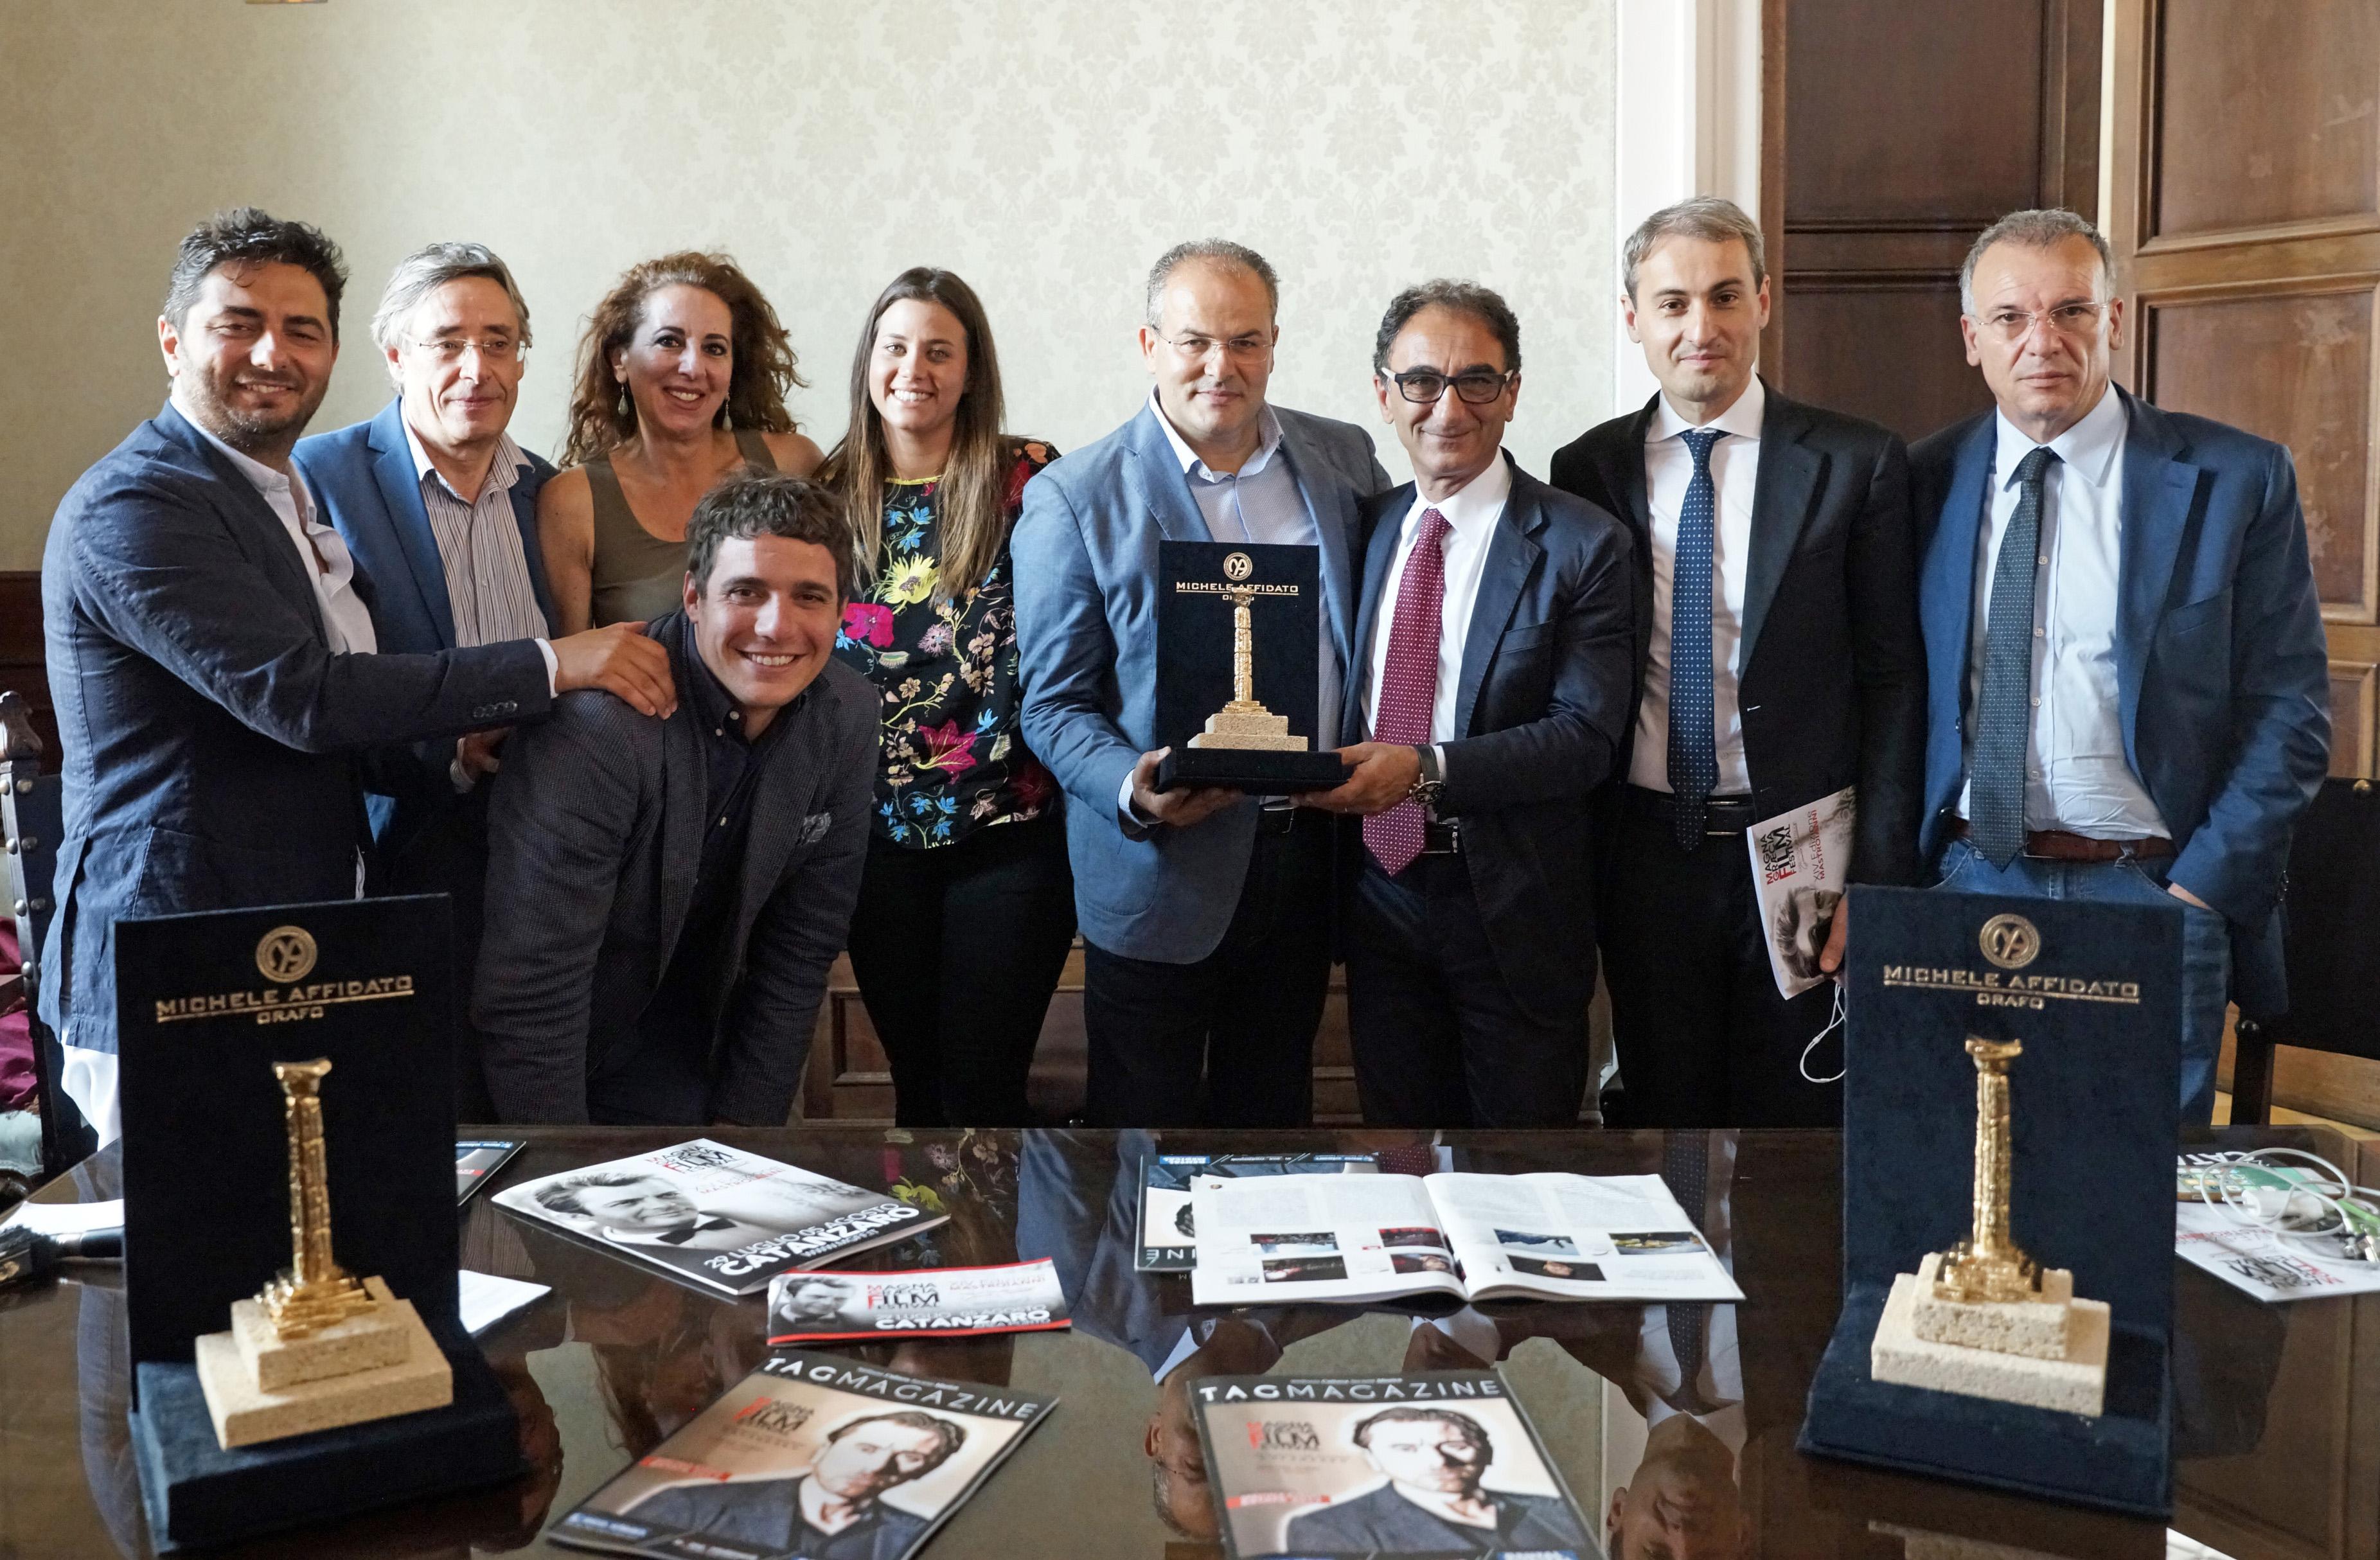 Casadonte, Esposito, Ferro, Polimeni, Lobello, Affidato, Abramo, Cardamone , Esposito